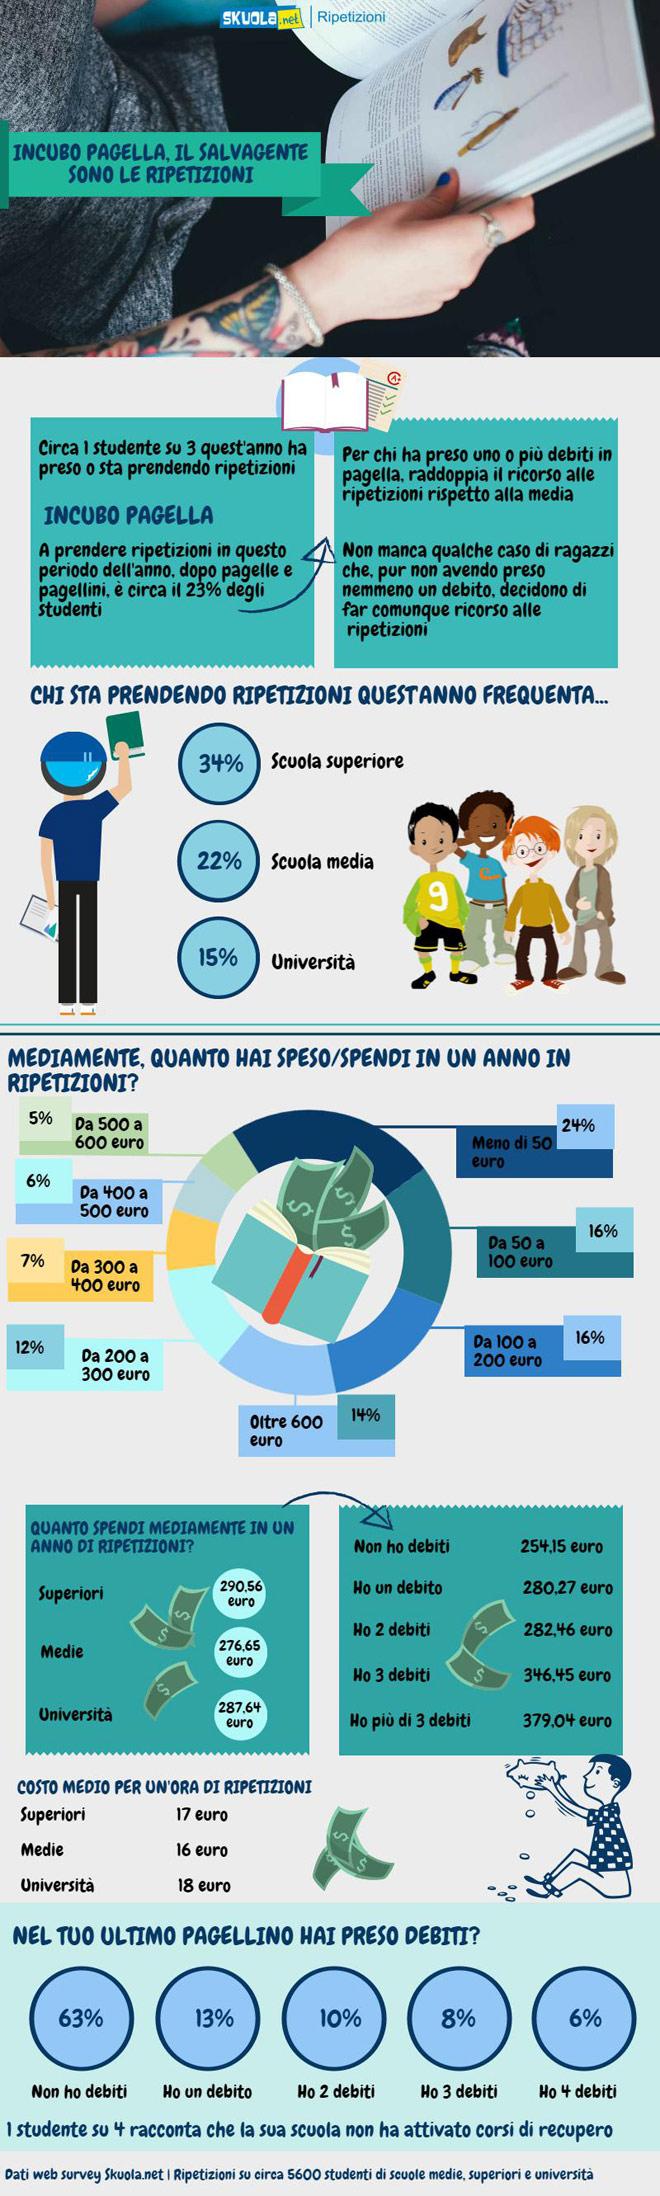 Infografica Ripetizioni | Skuola.net